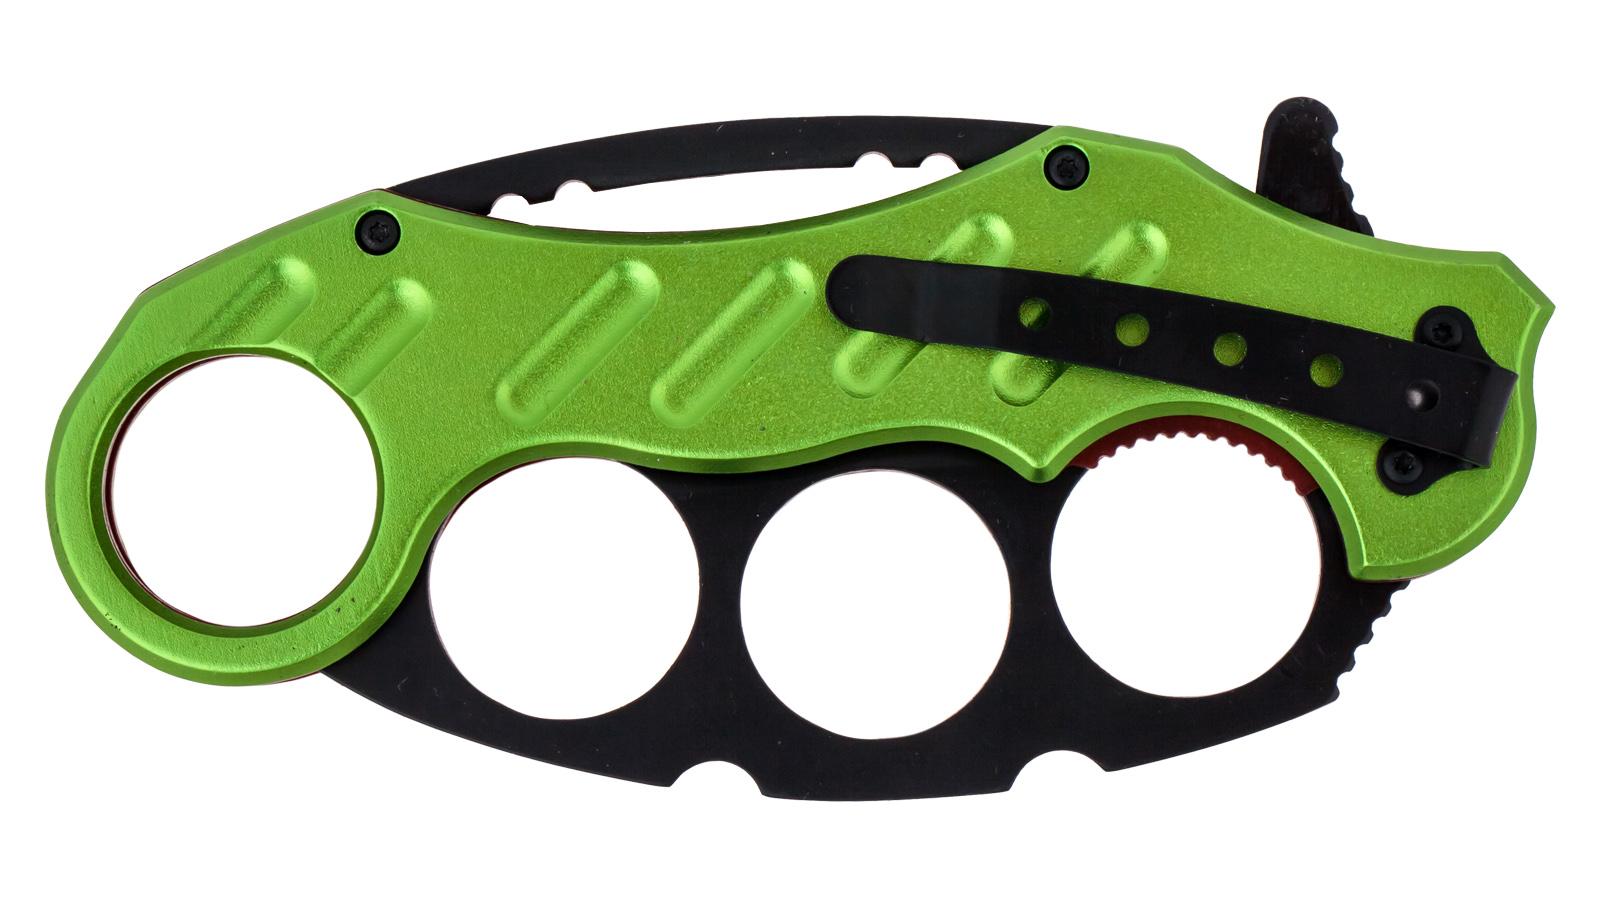 Складной нож Mtech MT-A863 Zombie Green - купить по низкой цене